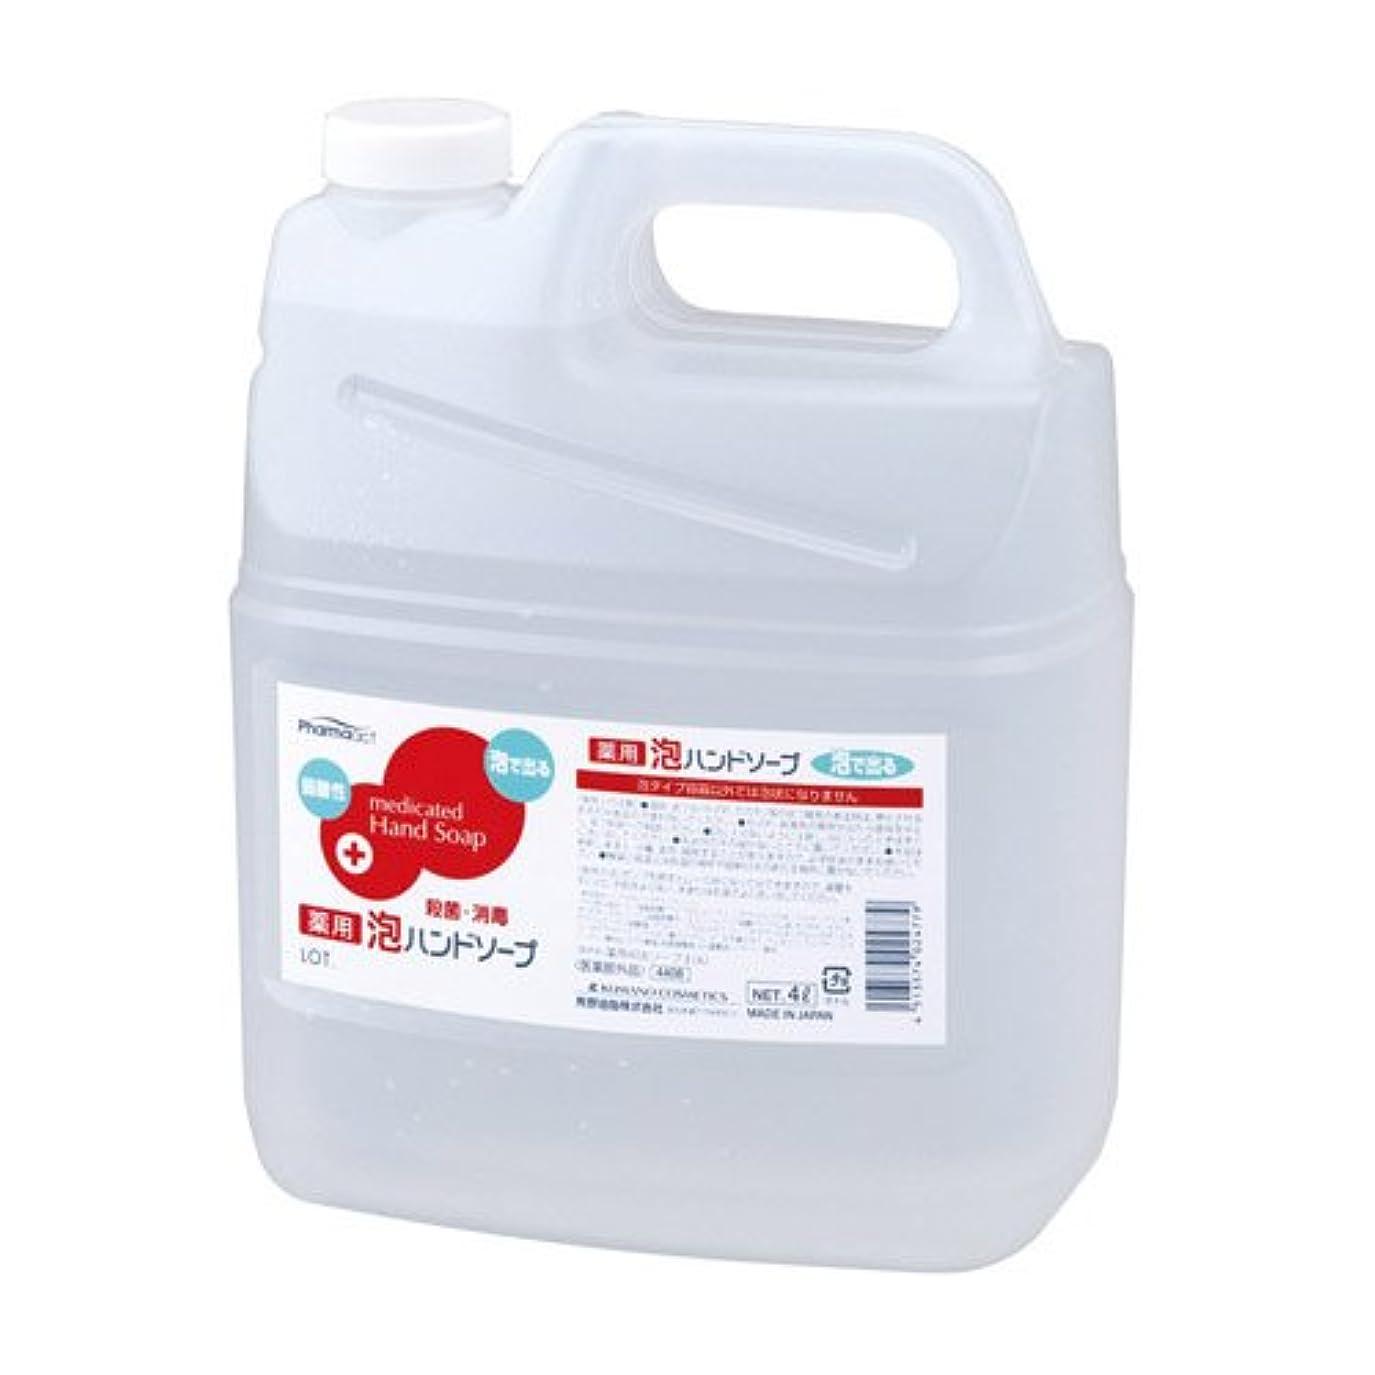 指令床を掃除するほこりファーマアクト 薬用 泡ハンドソープ 業務用 4L 【医薬部外品】